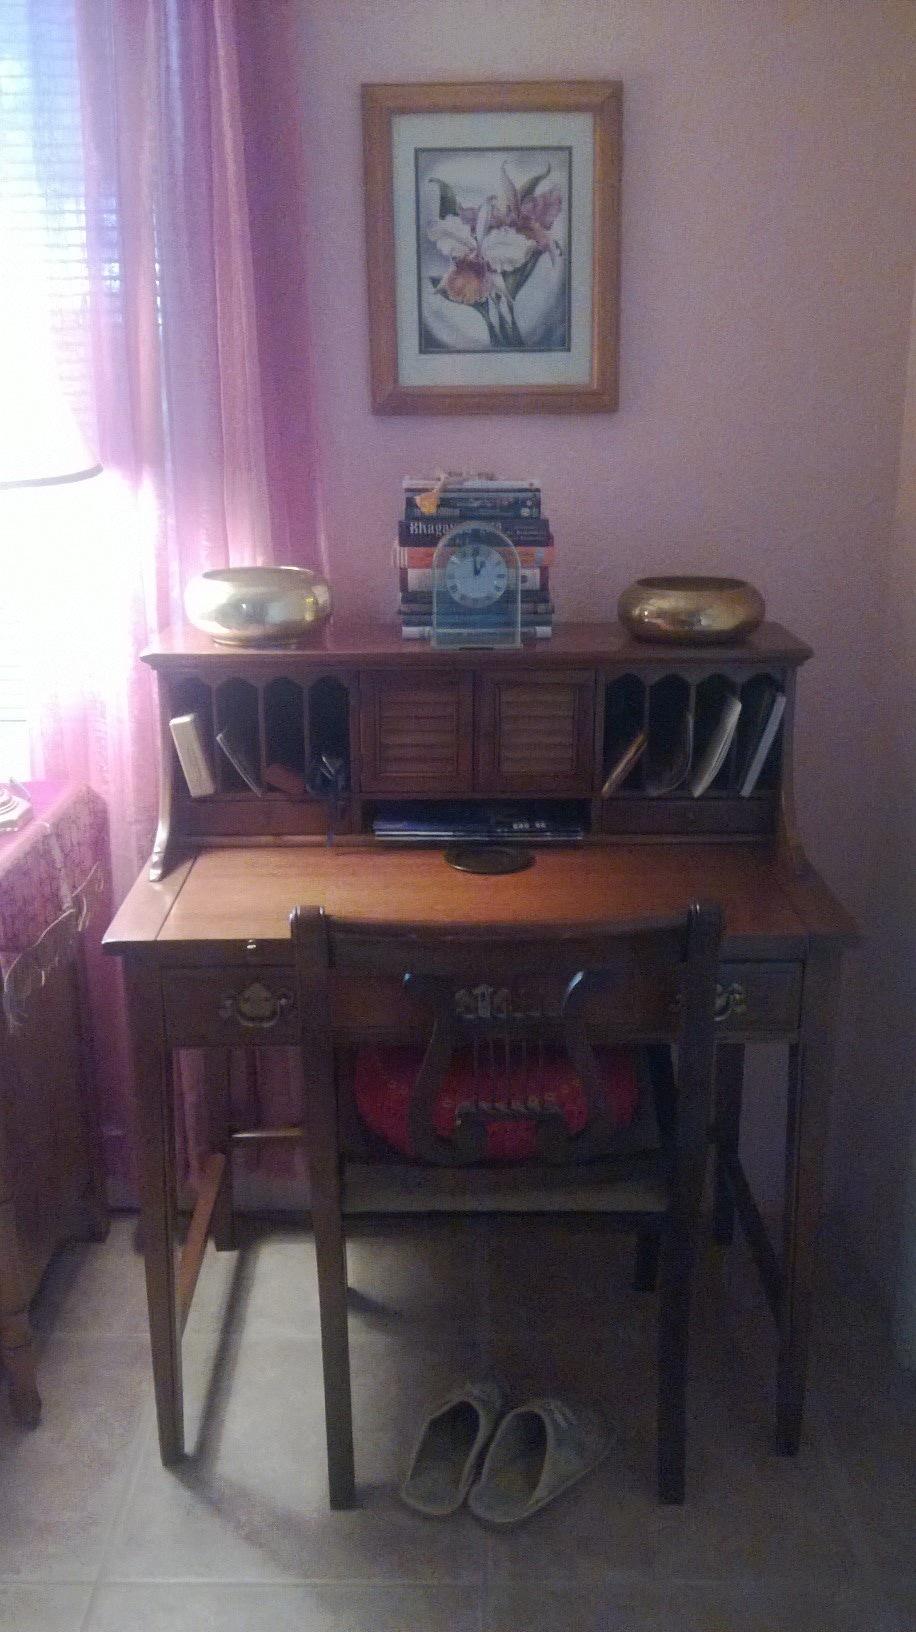 Desk in pink room.